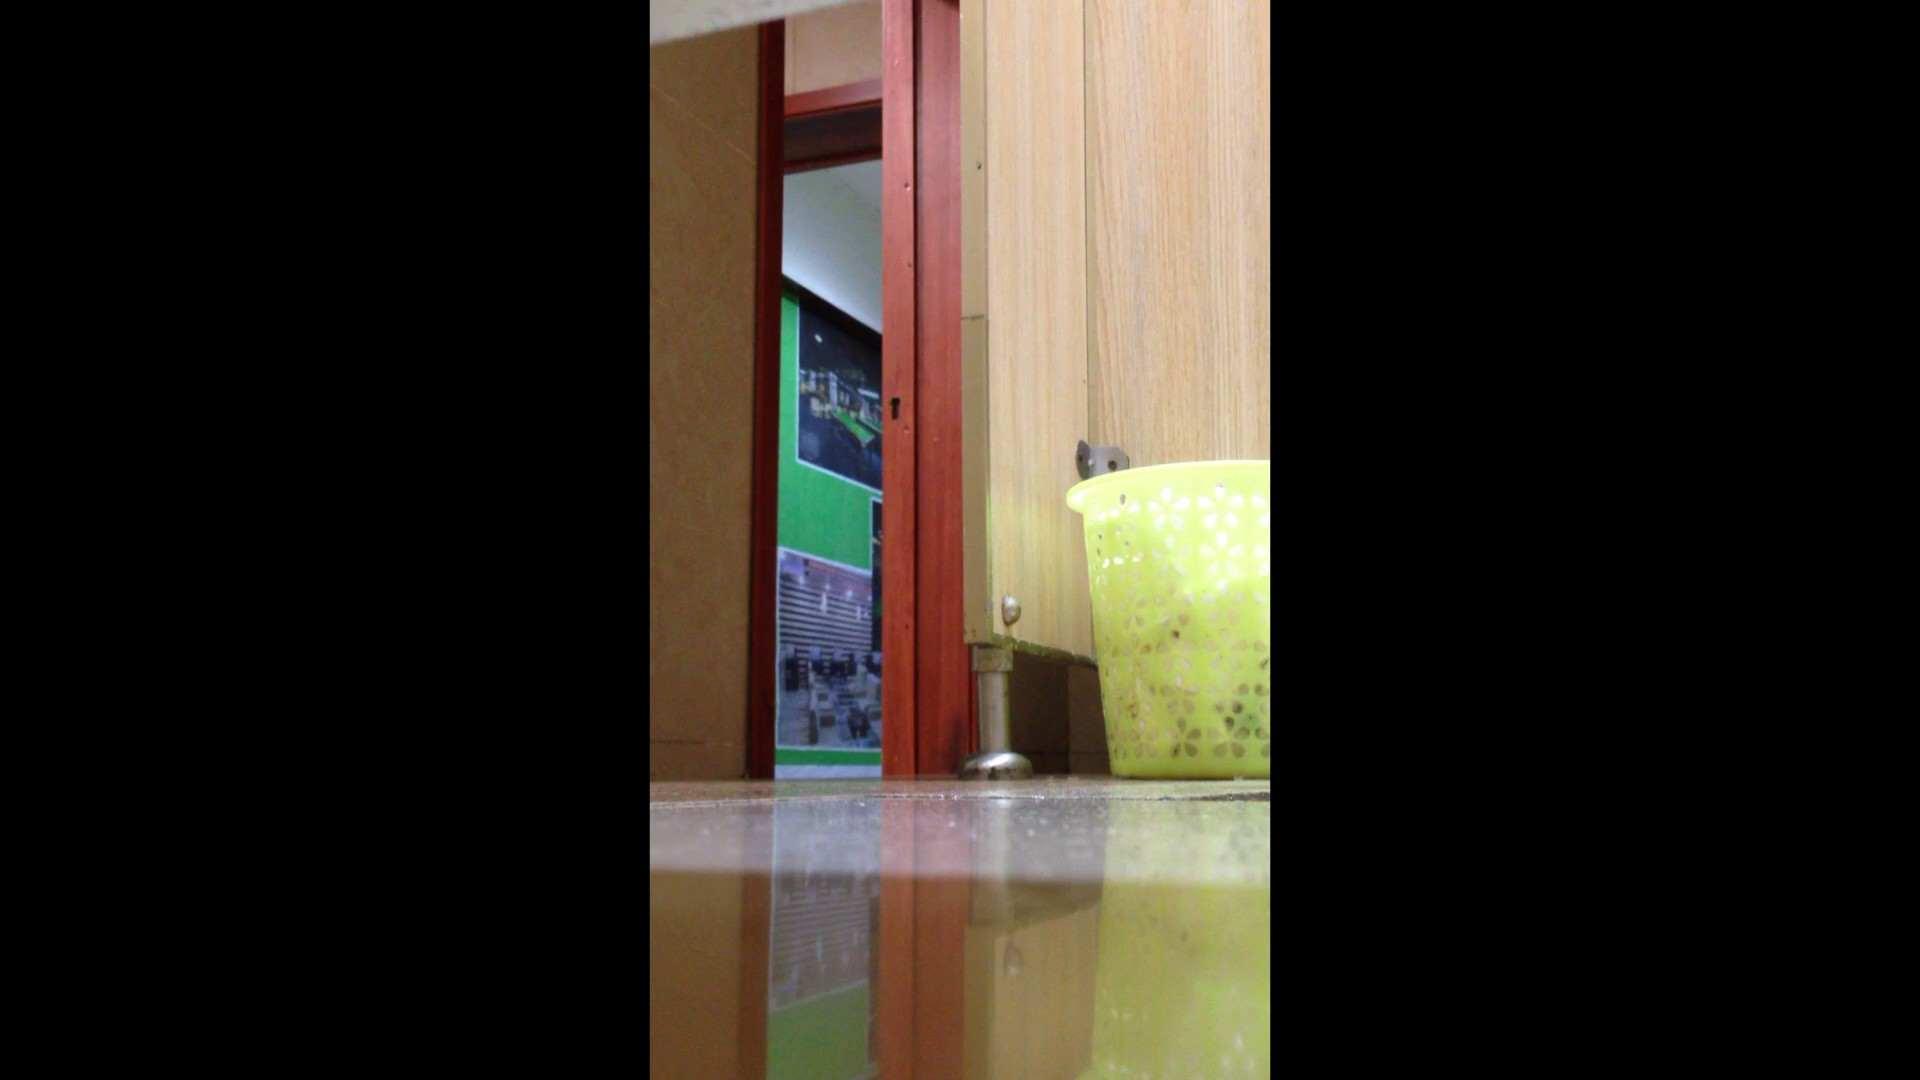 芸術大学ガチ潜入盗撮 JD盗撮 美女の洗面所の秘密 Vol.87 細身体型 おまんこ動画流出 110枚 101